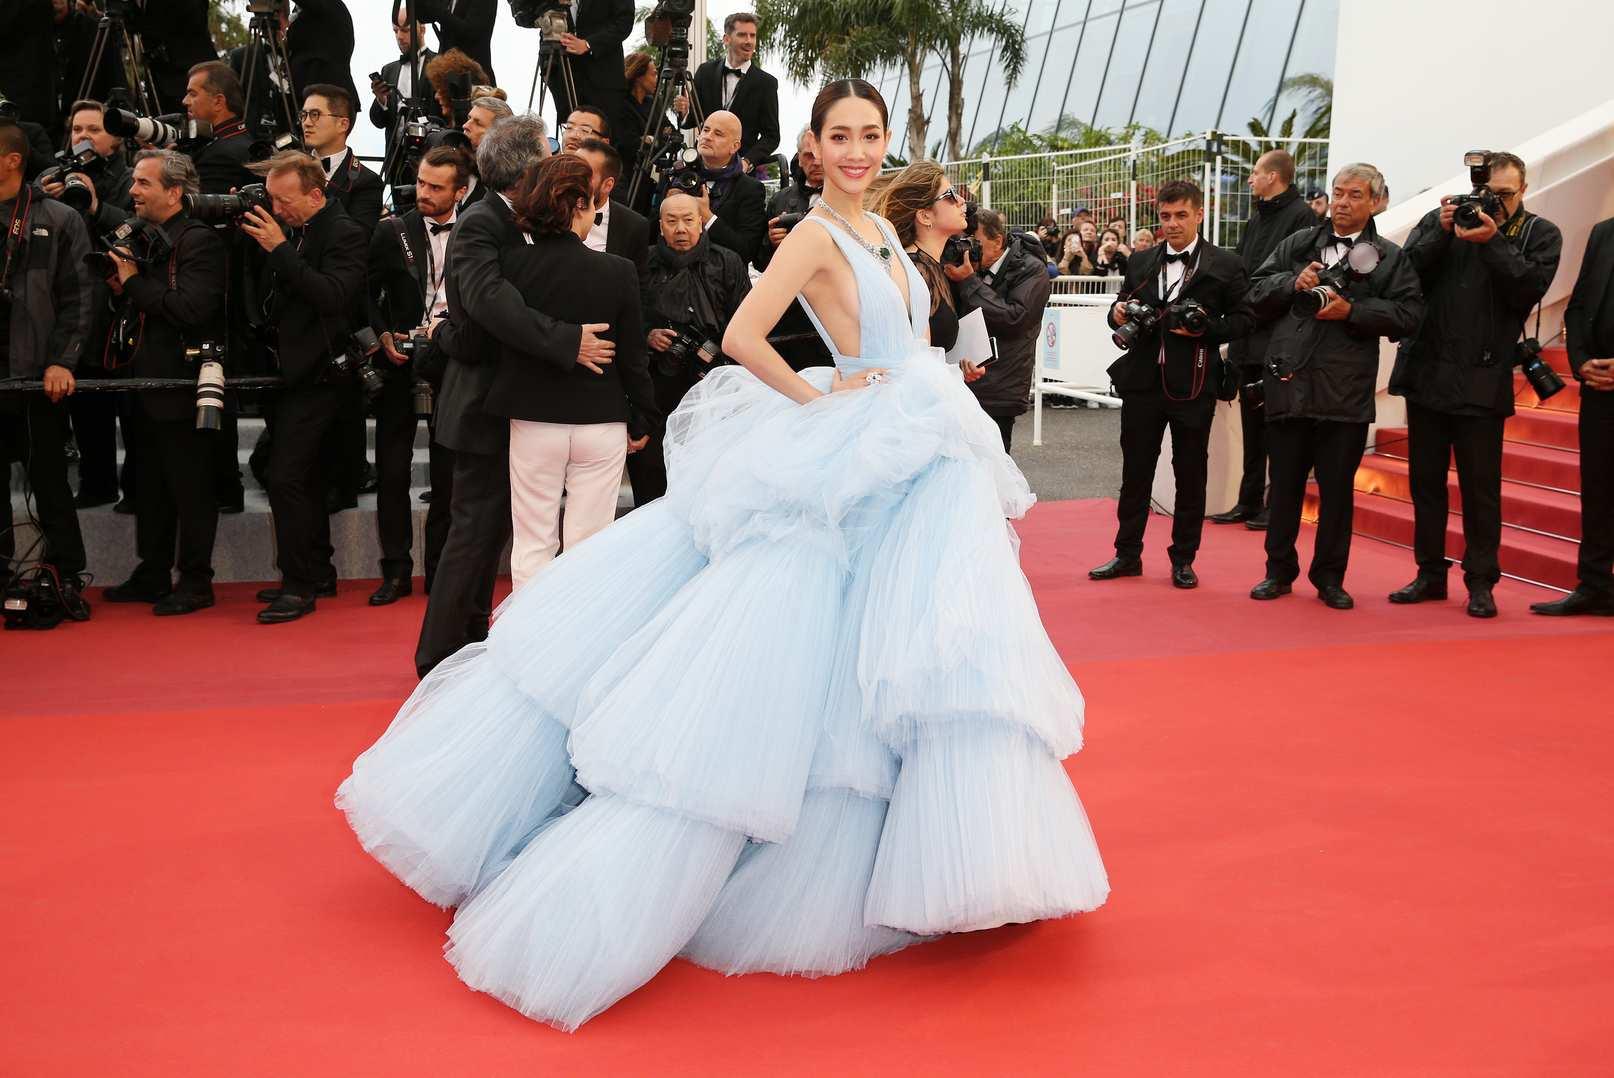 Min Pechaya diện đầm dạ hội xanh baby trên thảm đỏ Cannes 2019